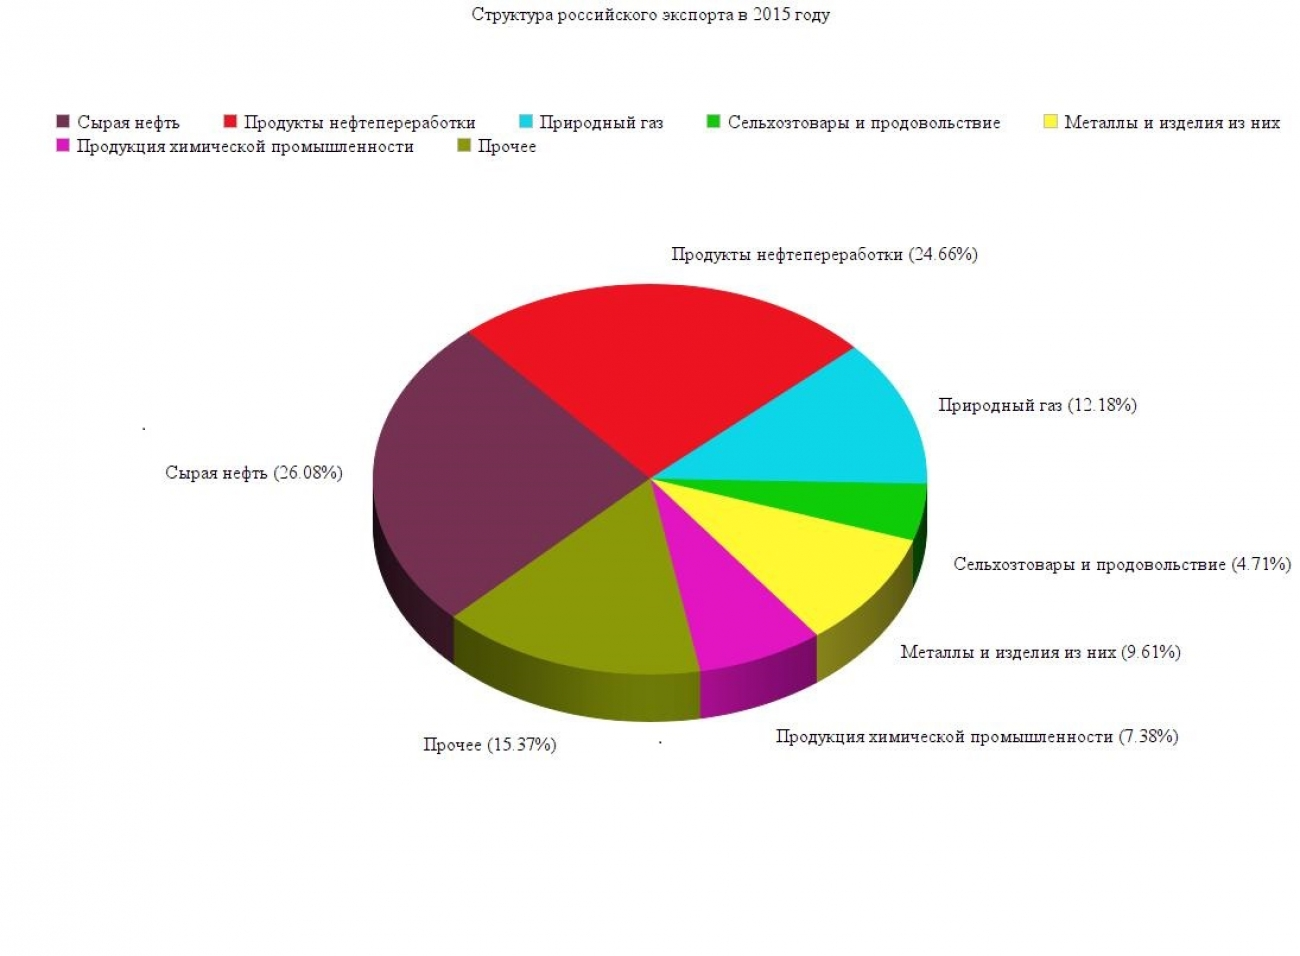 занятые в промышленности в процентах